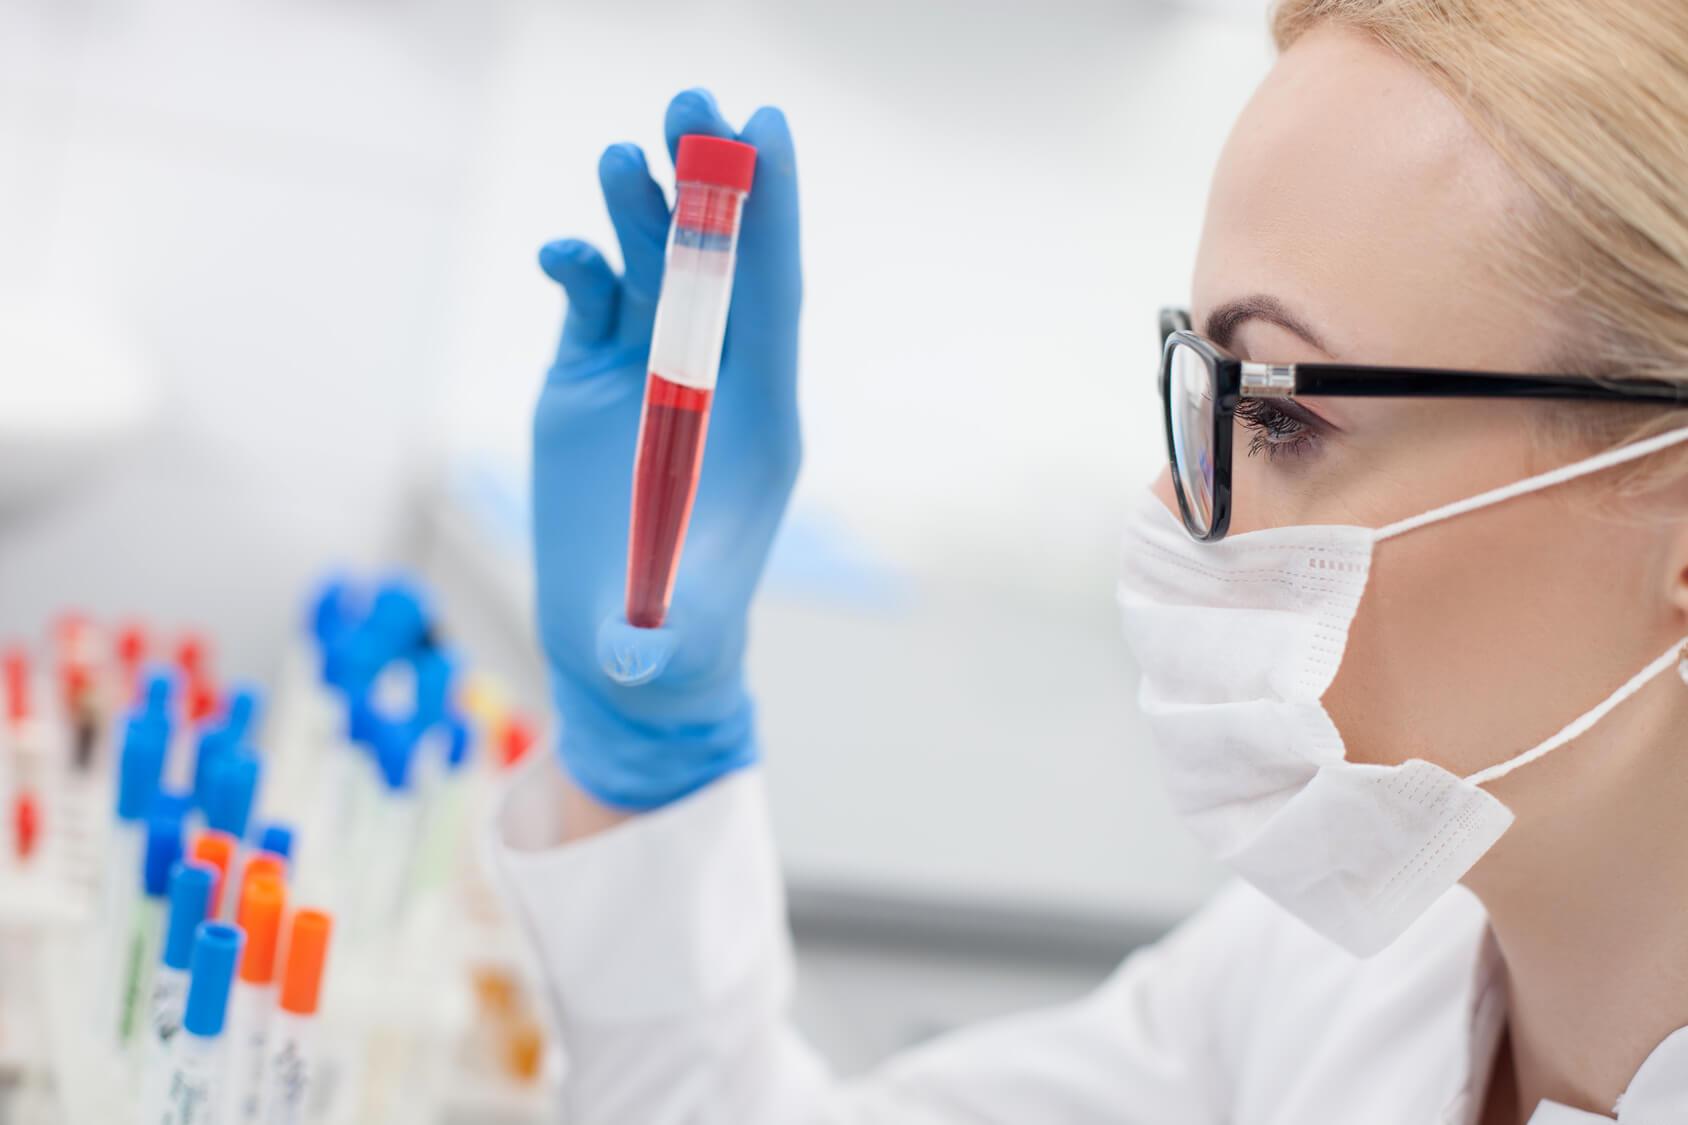 АЛТ — что это за показатель в анализе крови?